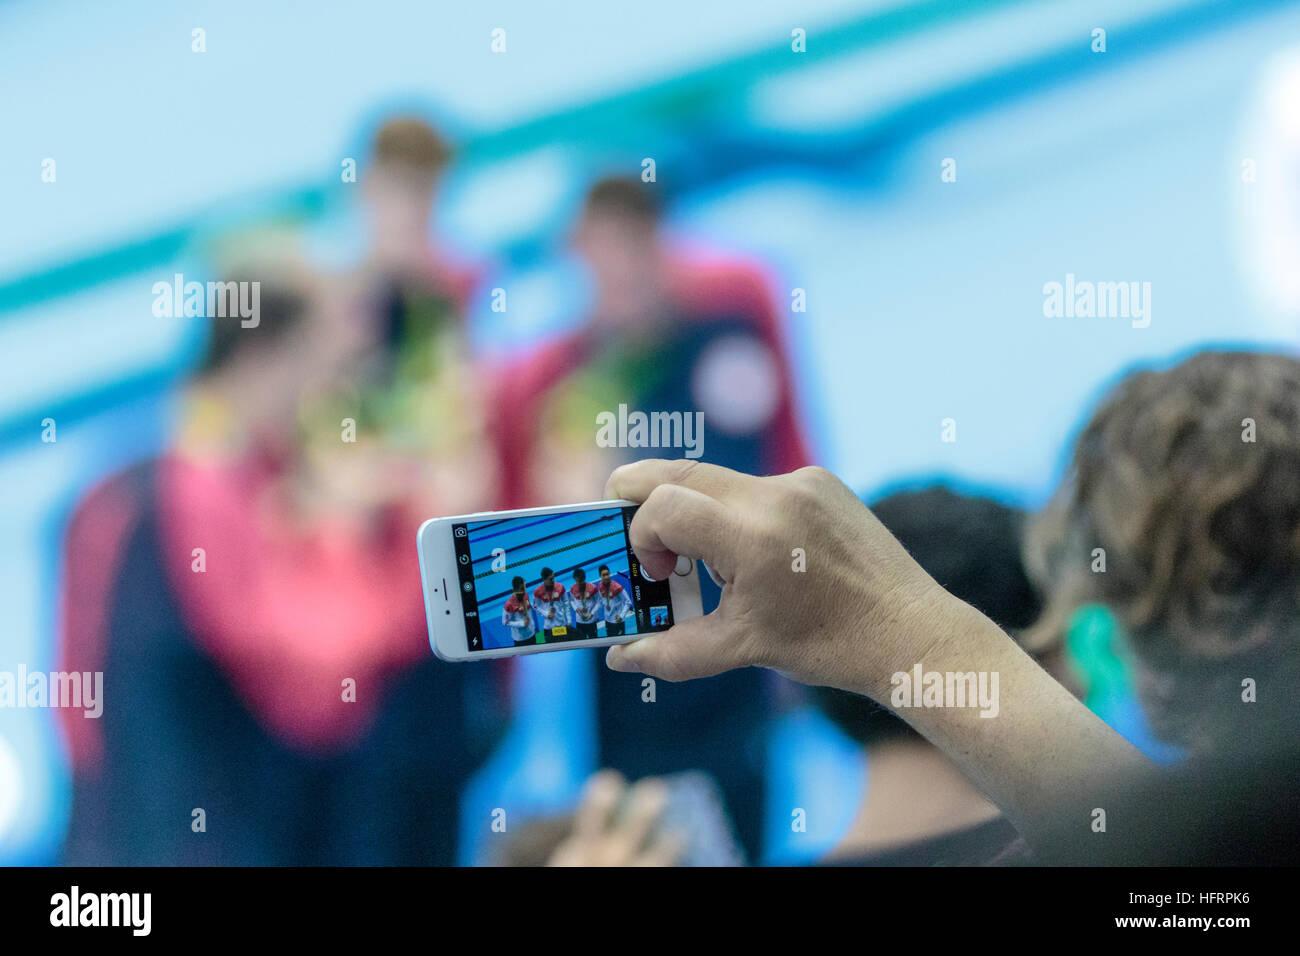 Rio de Janeiro, Brasile. Il 9 agosto 2016. Spettatore utilizzando il telefono cellulare per fotografare Team Japan Immagini Stock